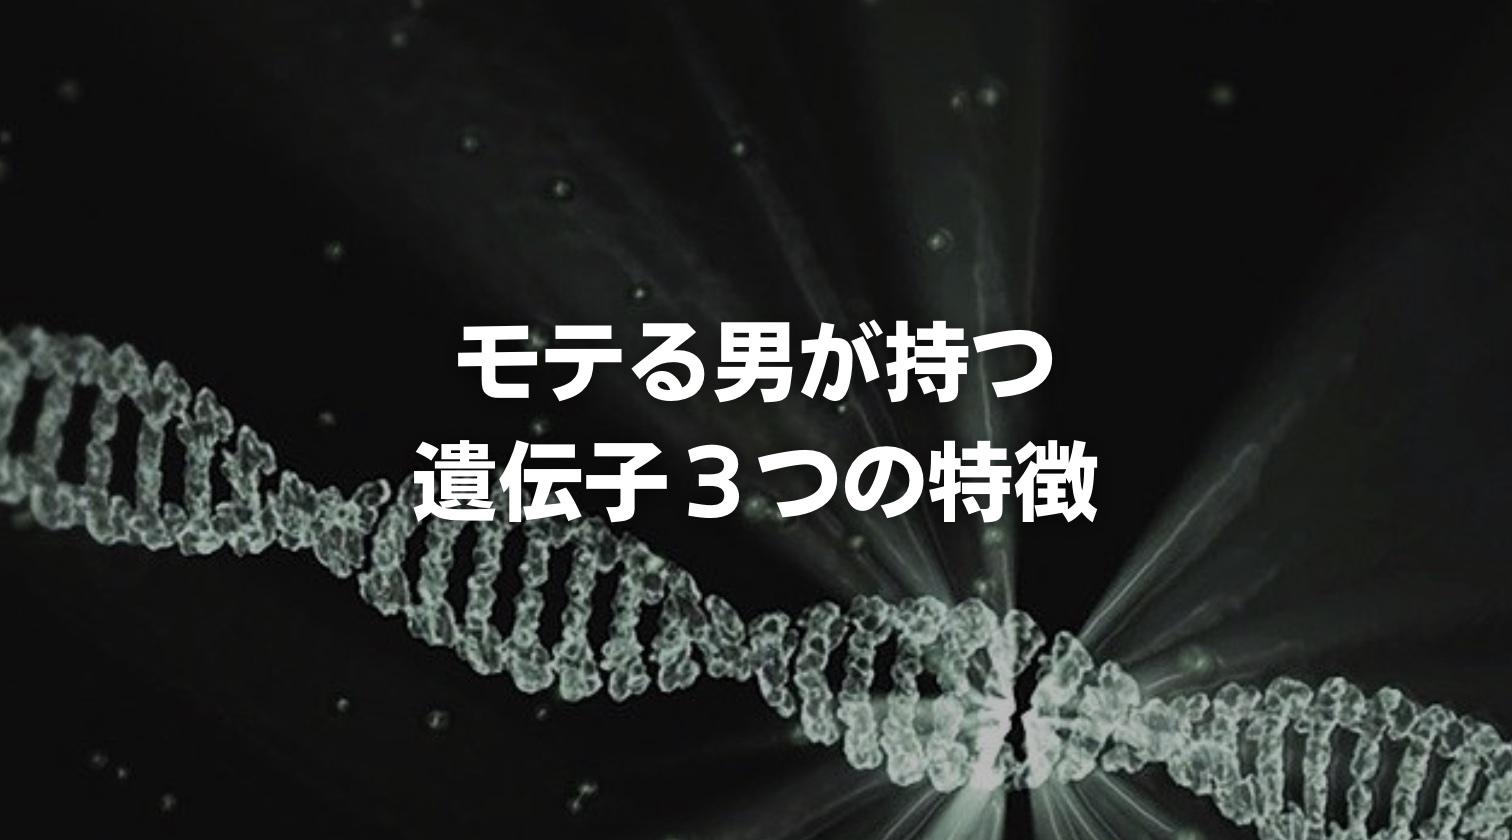 モテる男が持つ遺伝子3つの特徴のアイキャッチ画像